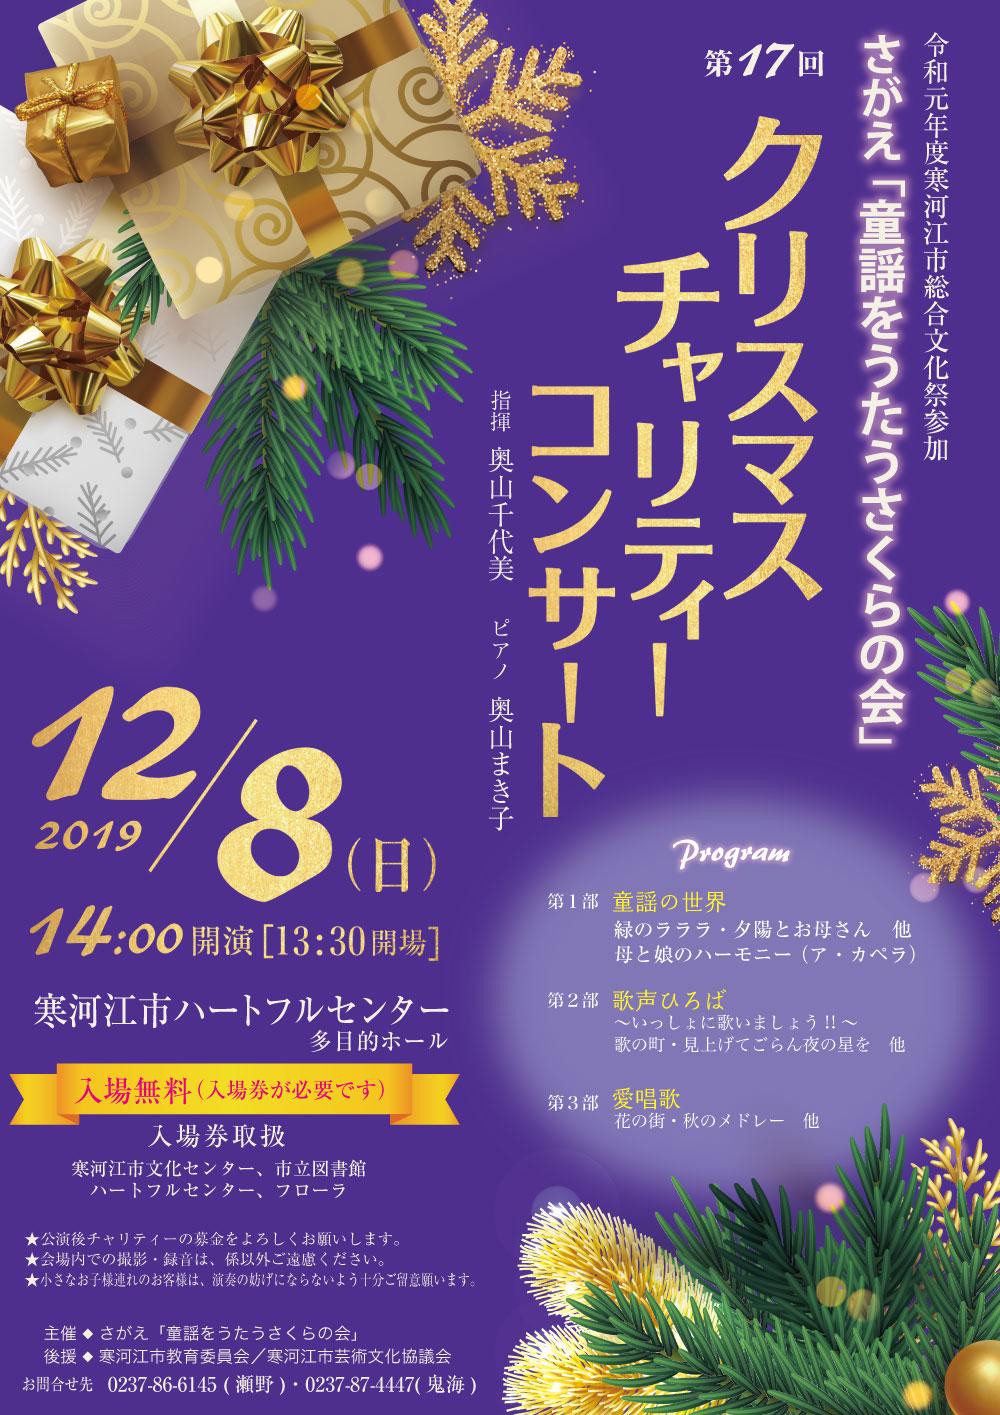 さがえ「童謡をうたうさくらの会」<br>第17回クリスマスチャリティコンサート